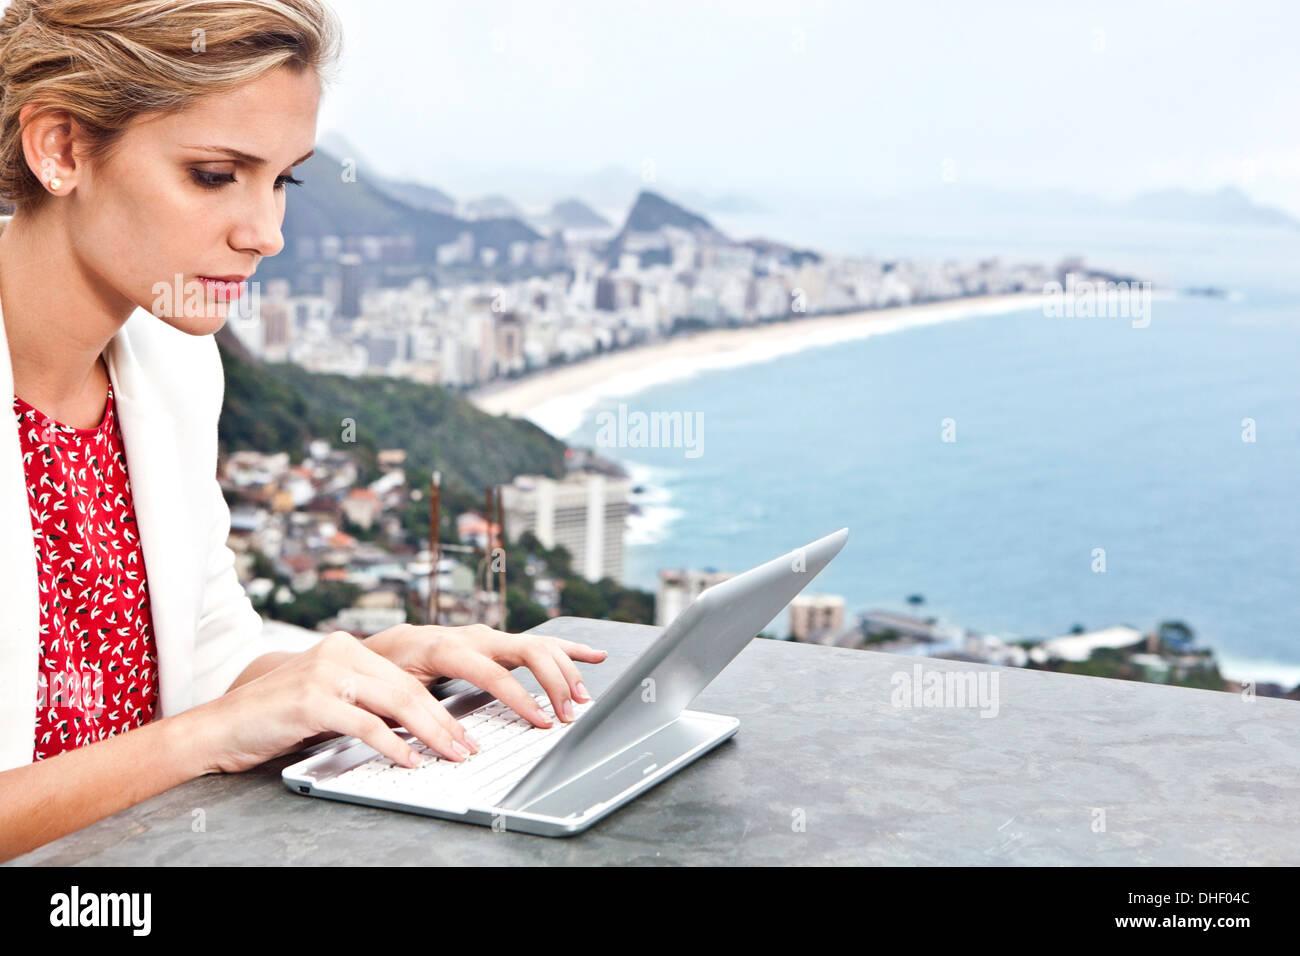 Young woman using laptop, Casa Alto Vidigal, Rio De Janeiro, Brazil - Stock Image